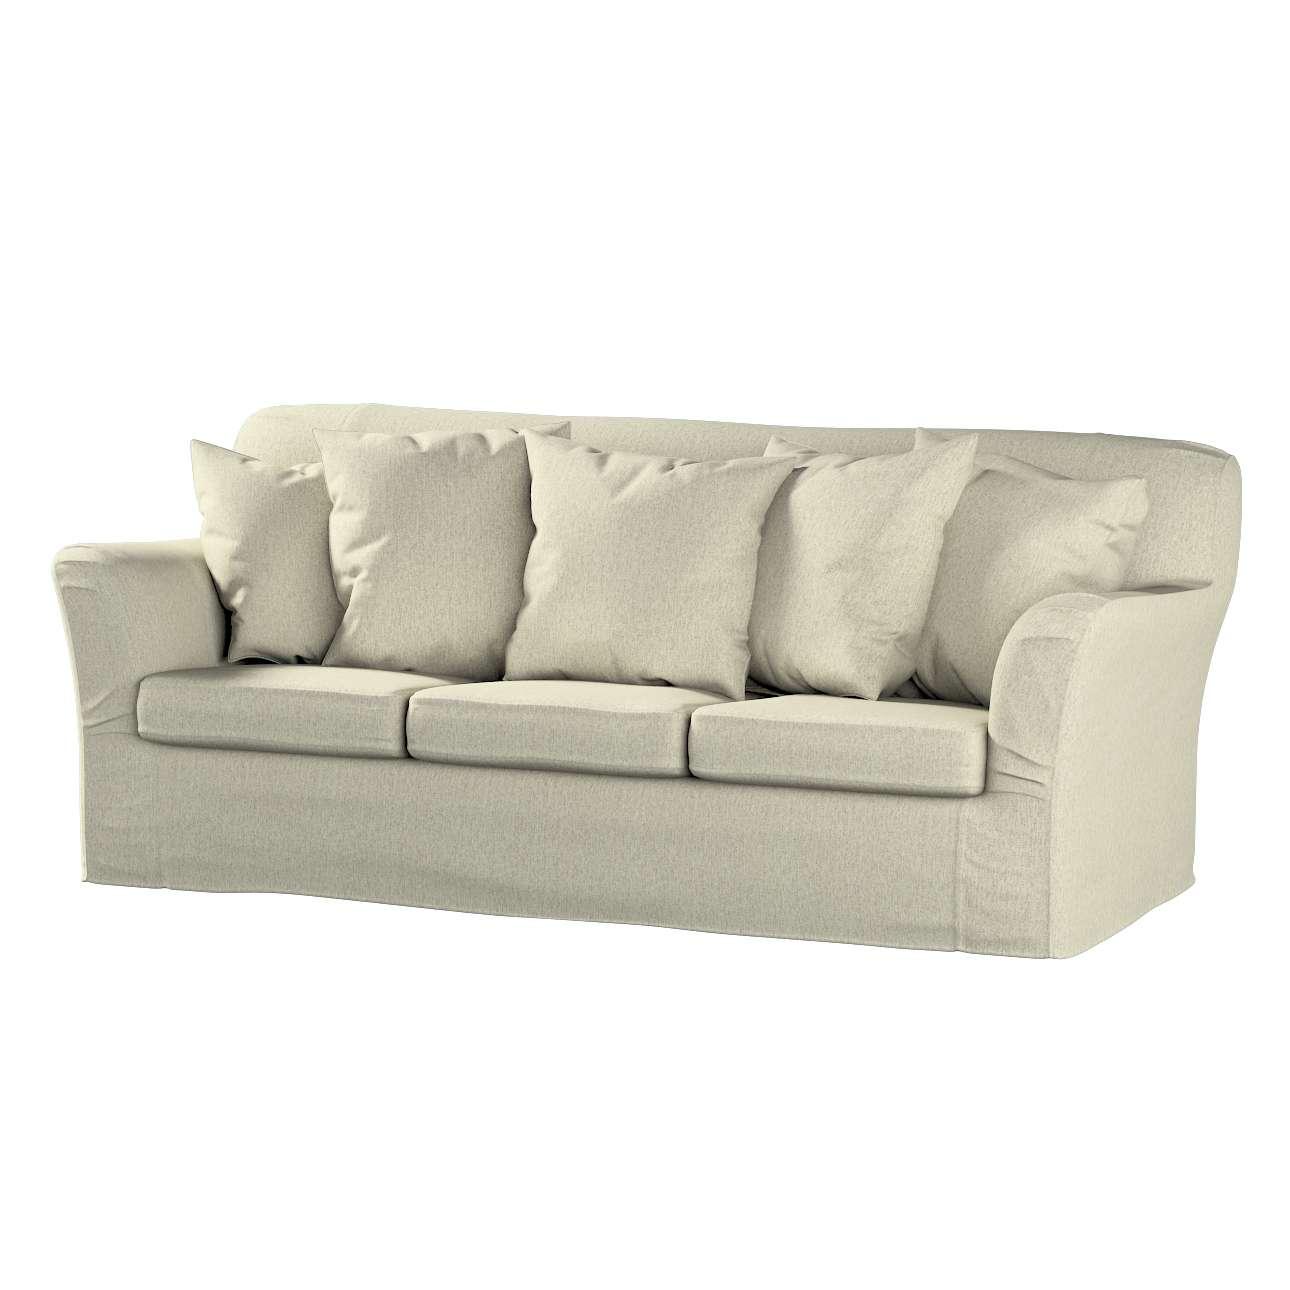 Bezug für Tomelilla 3-Sitzer Sofa nicht ausklappbar von der Kollektion Living, Stoff: 161-62